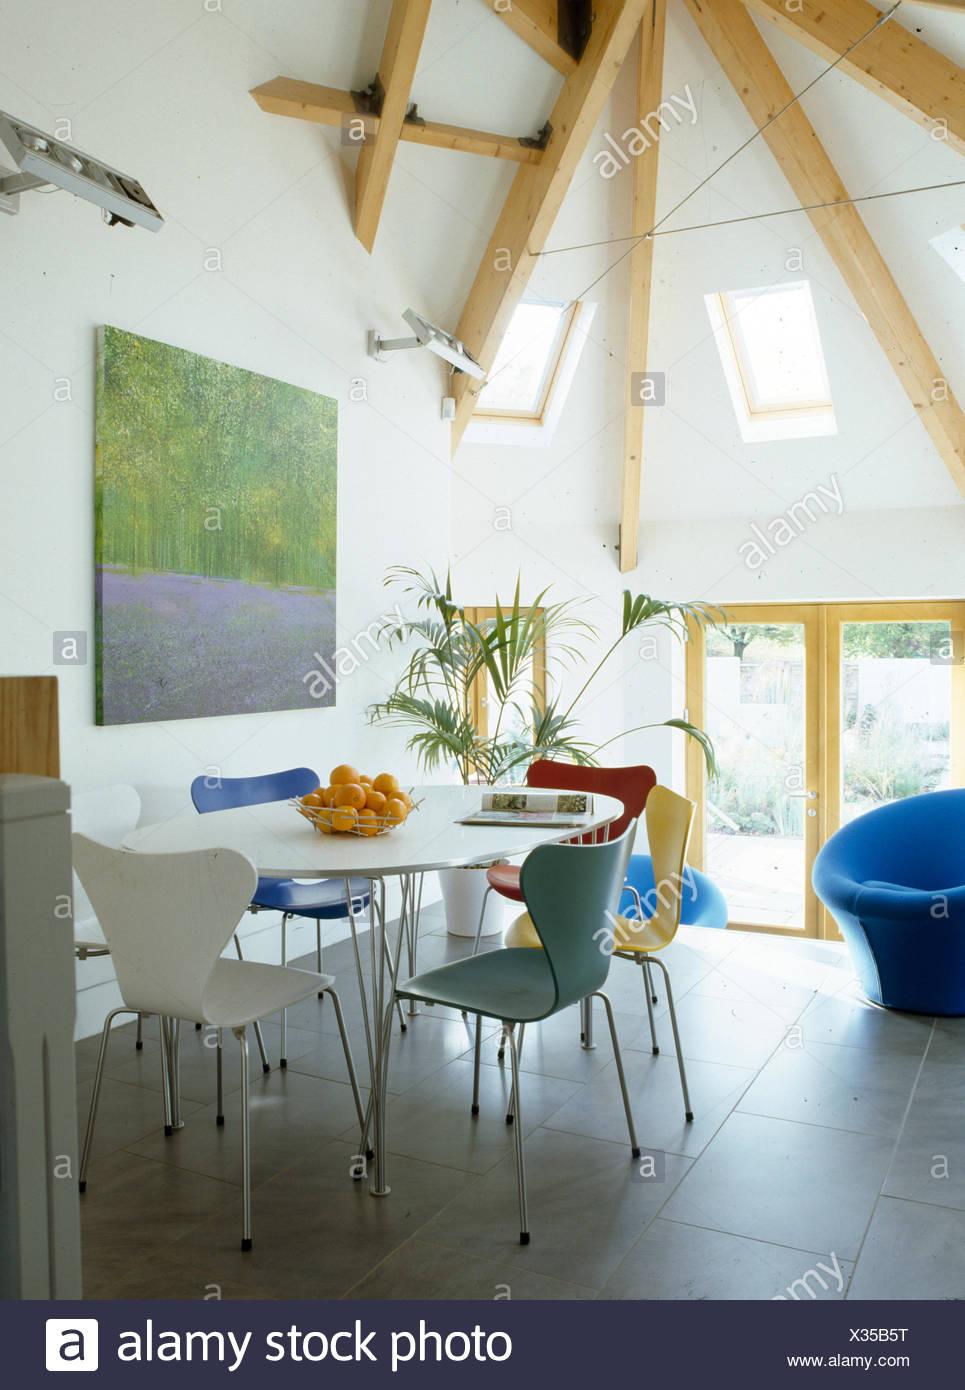 Estilo de Arne Jacobsen sillas y mesa blanca circular en el moderno comedor  de techos altos acc473ddd1c9